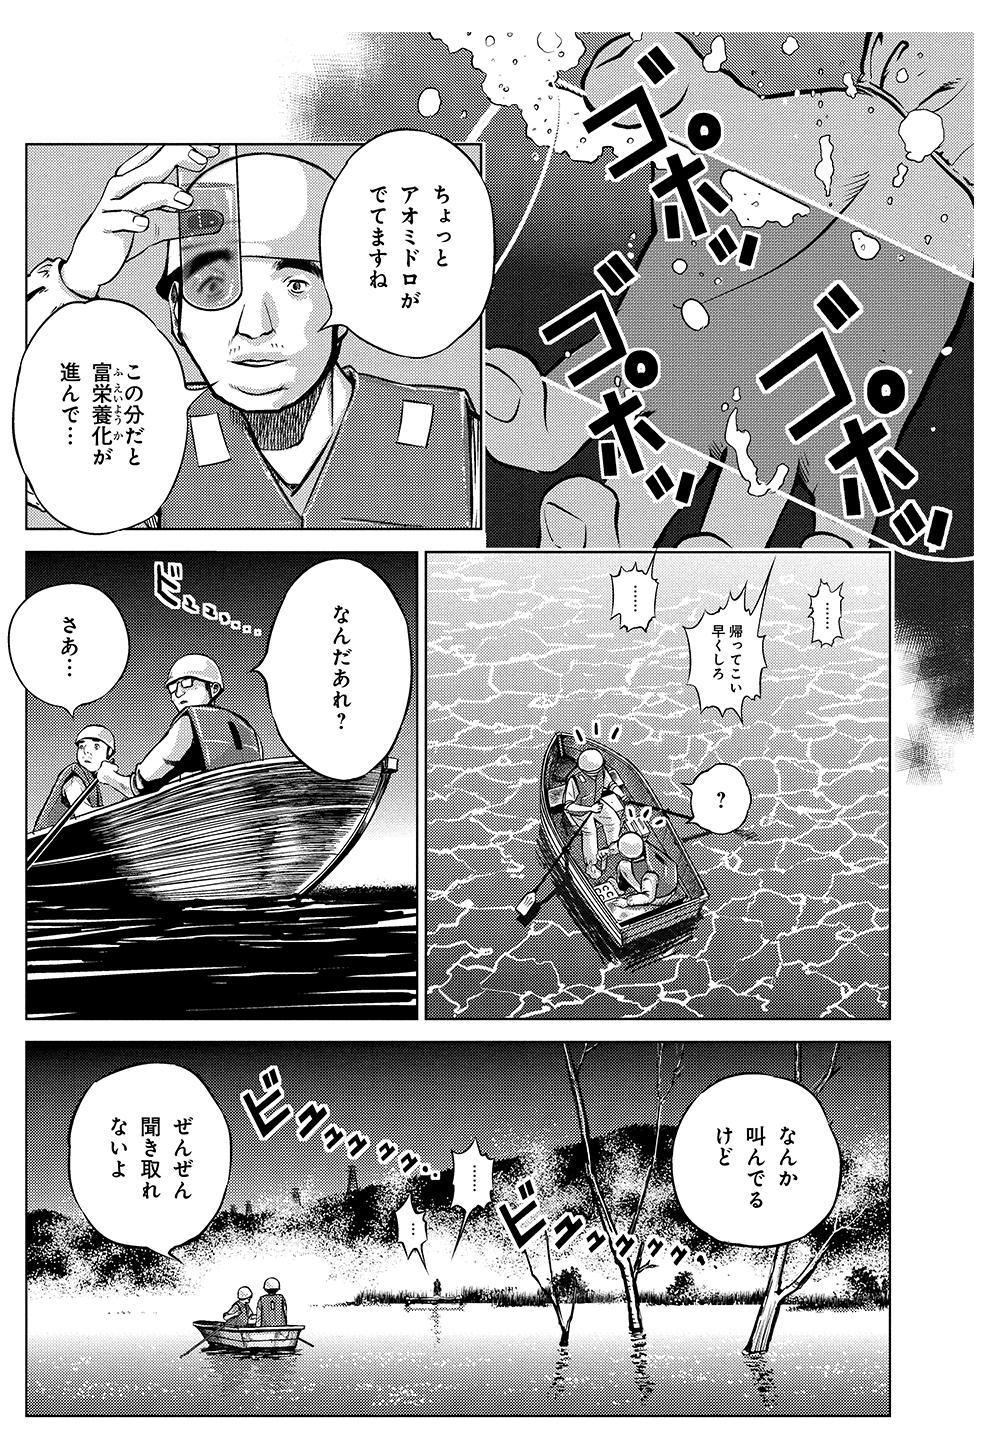 ことなかれ 第3話「革仔玉」①kotonakare01-02.jpg